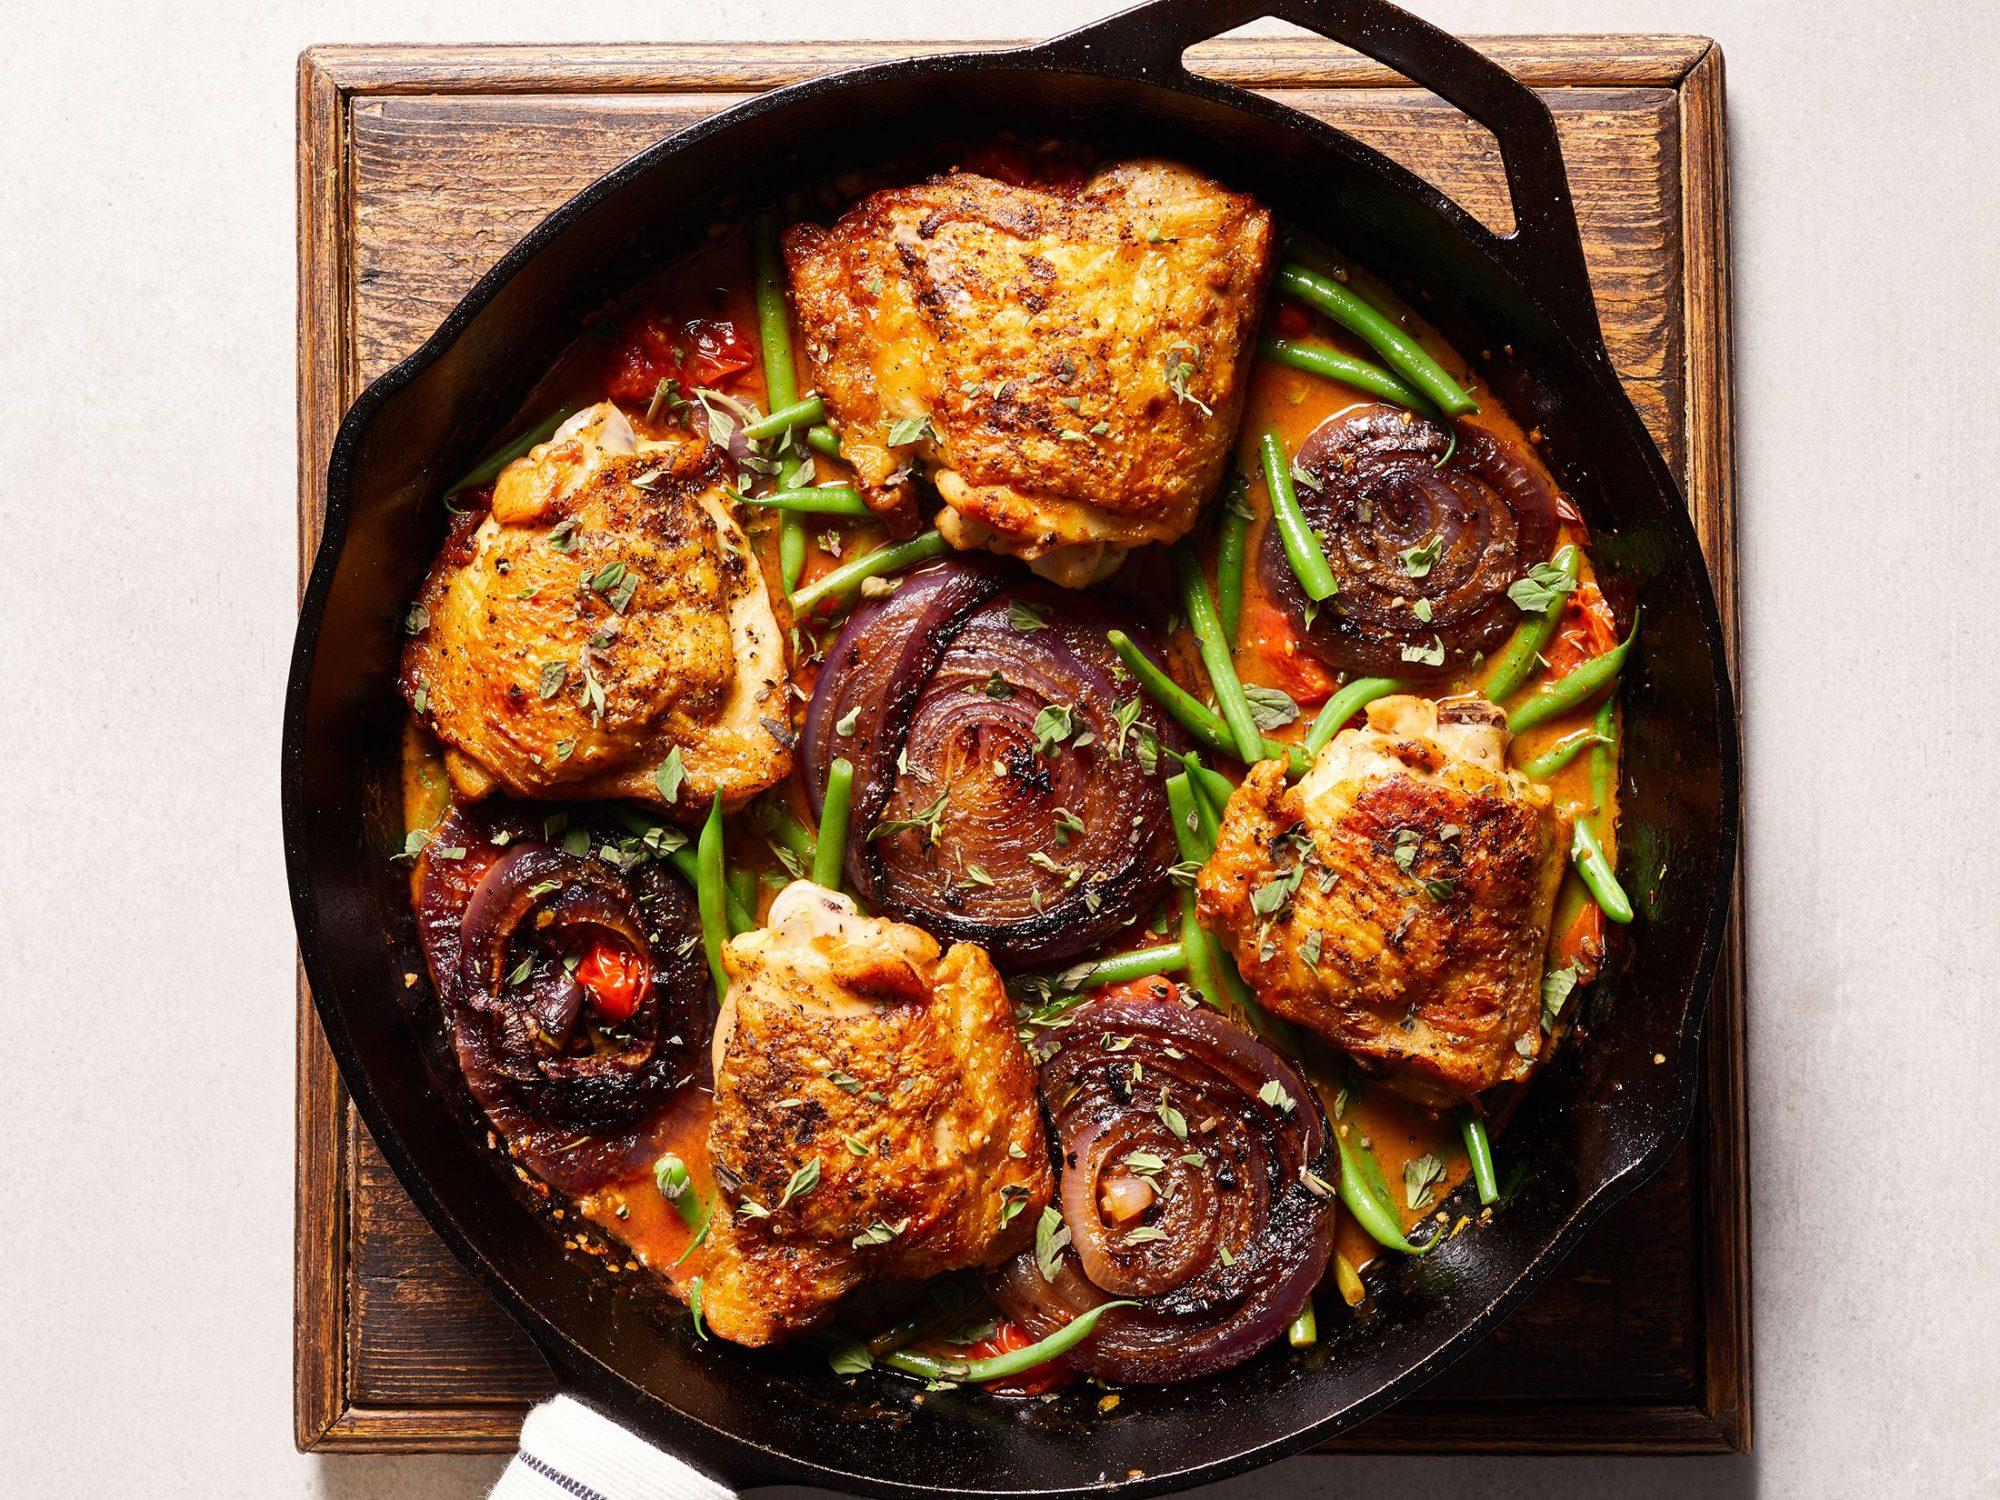 Mediterranean Chicken Skillet